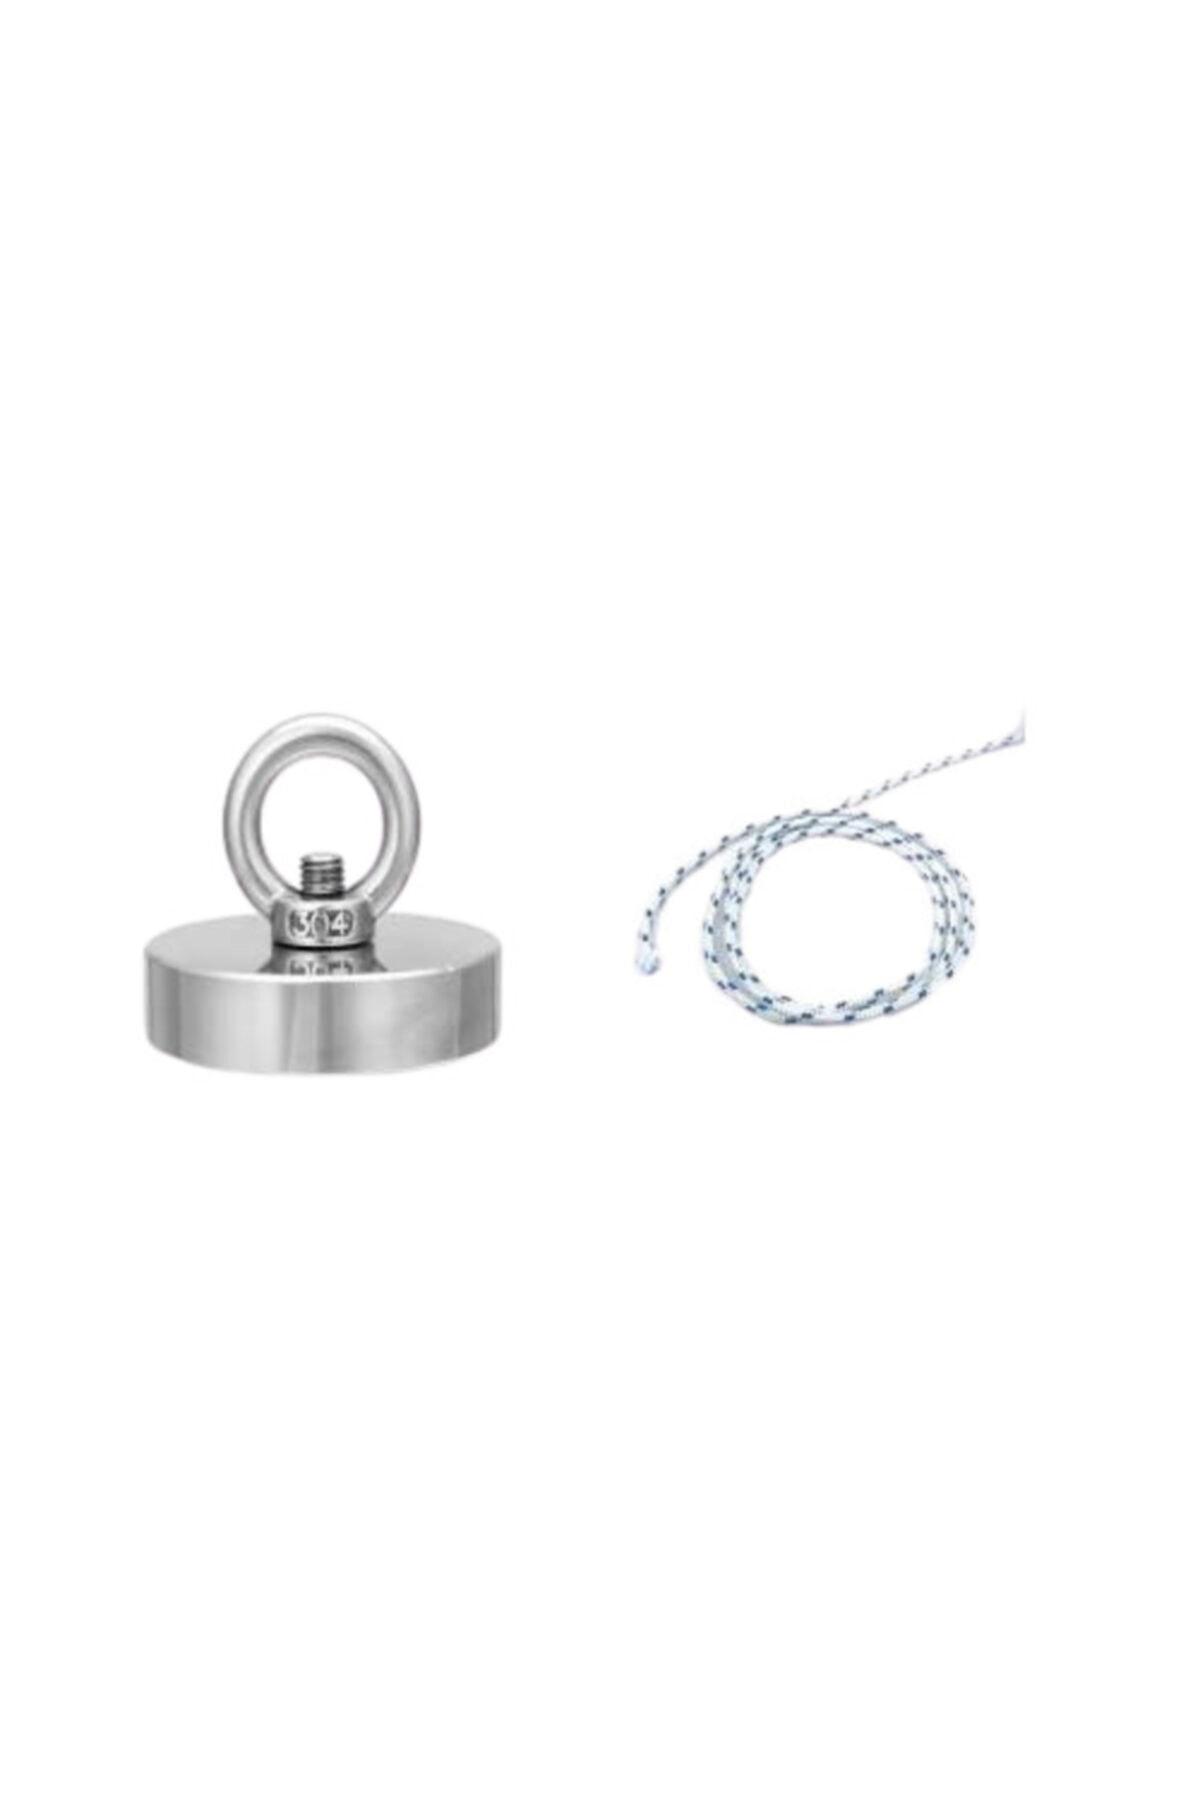 Hdg Güçlü Halkalı Neodyum Pot Mıknatıs - 42mm Çap - Kanca Kurtarma Mıknatısı Fishing Magnet + 25 m Halat 1